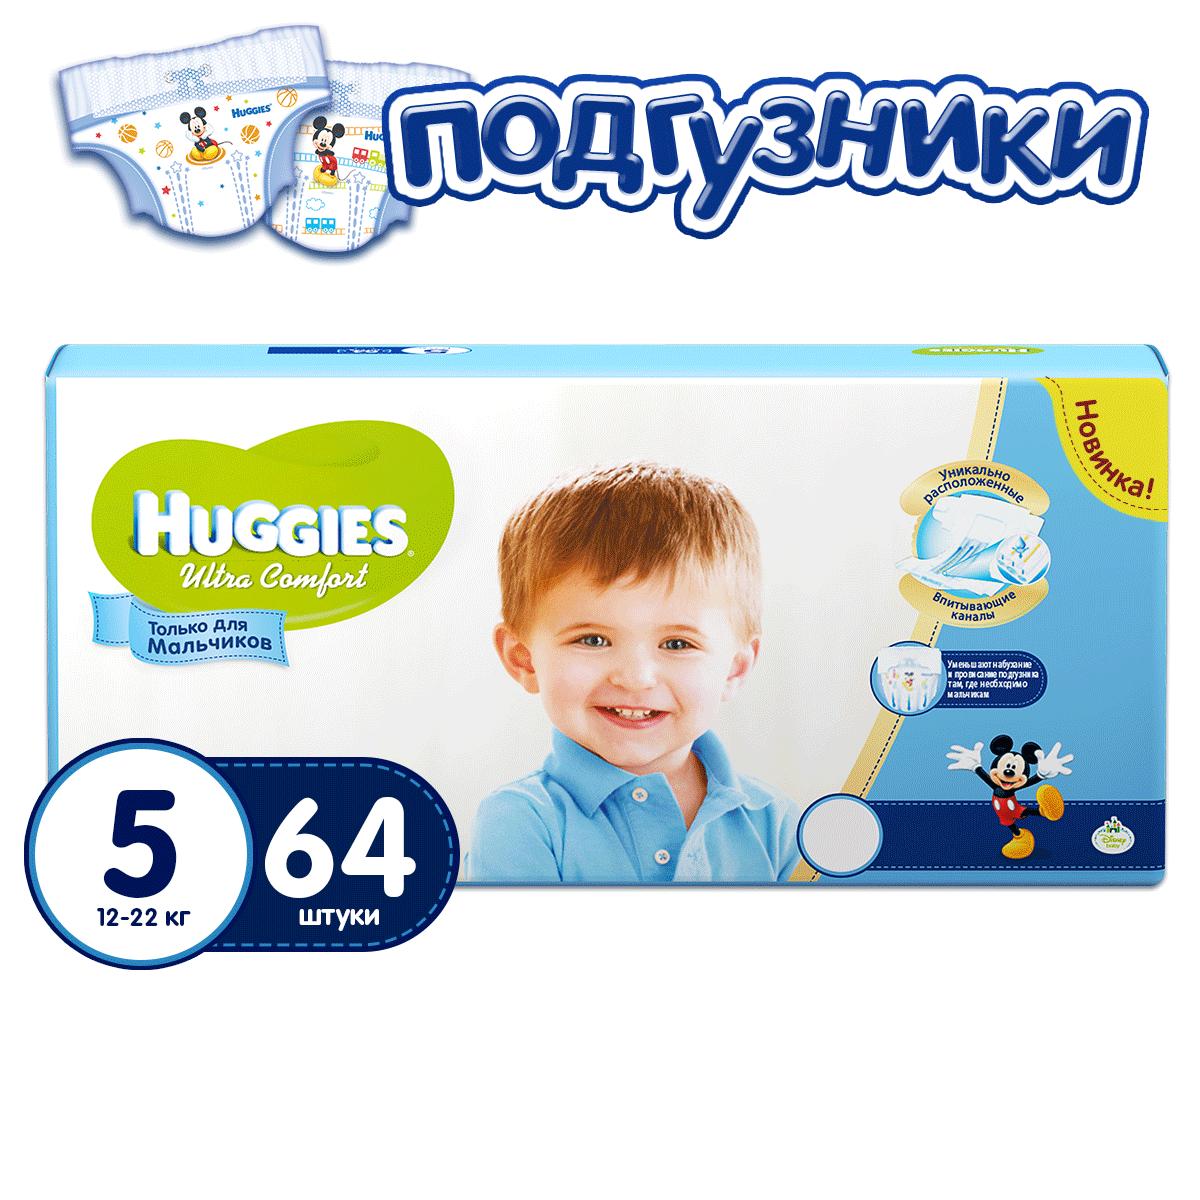 Подгузники Huggies Ultra Comfort Giga Pack для мальчиков 12-22 кг (64 шт) Размер 5<br>